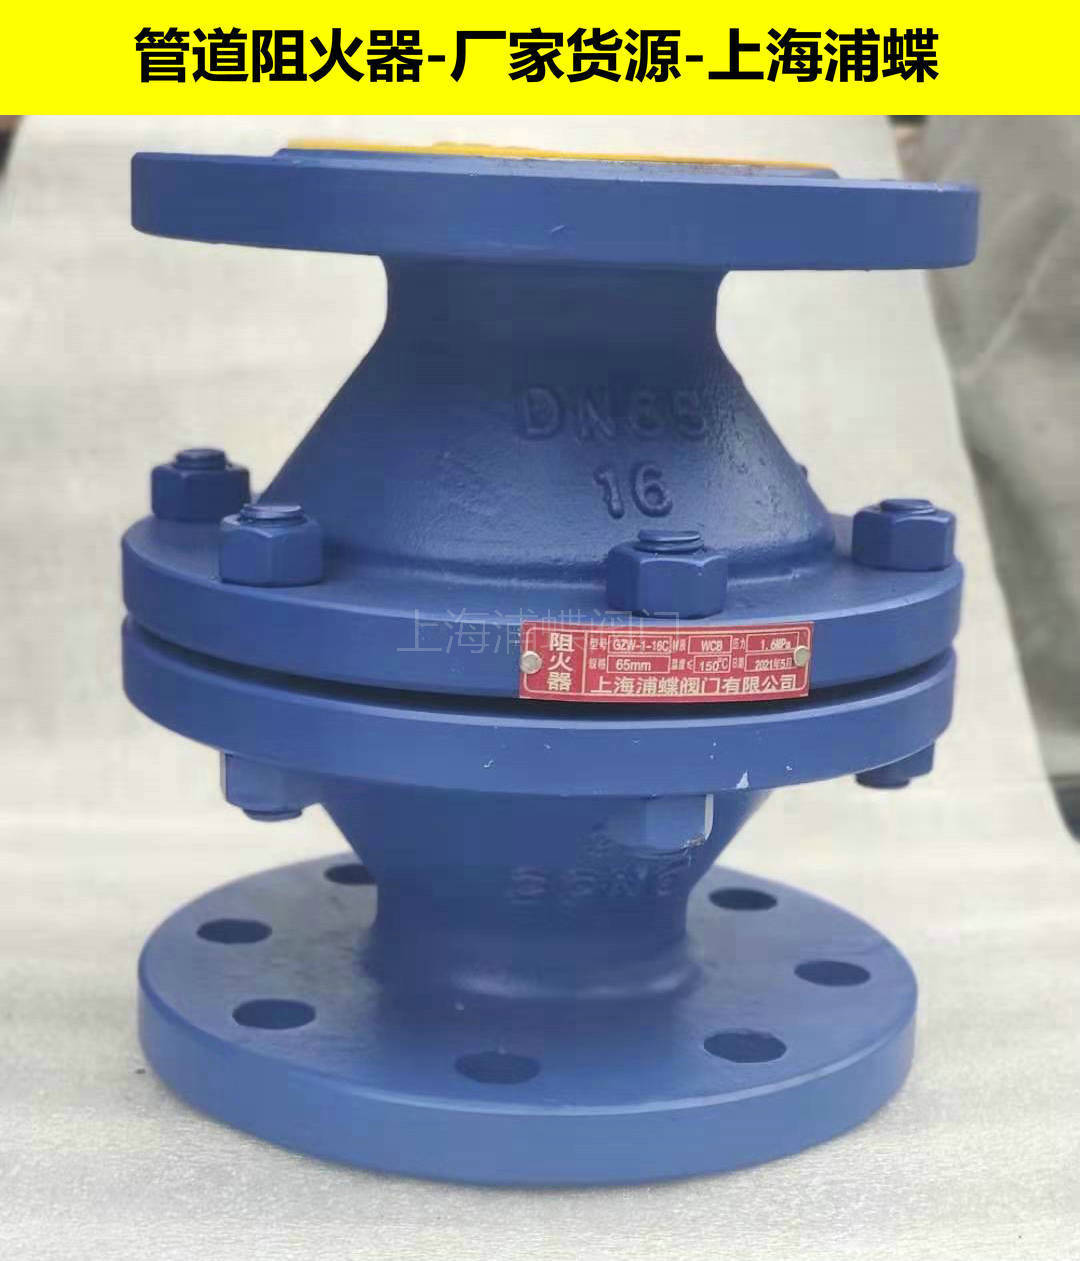 氮气阻火器 上海厂家货源